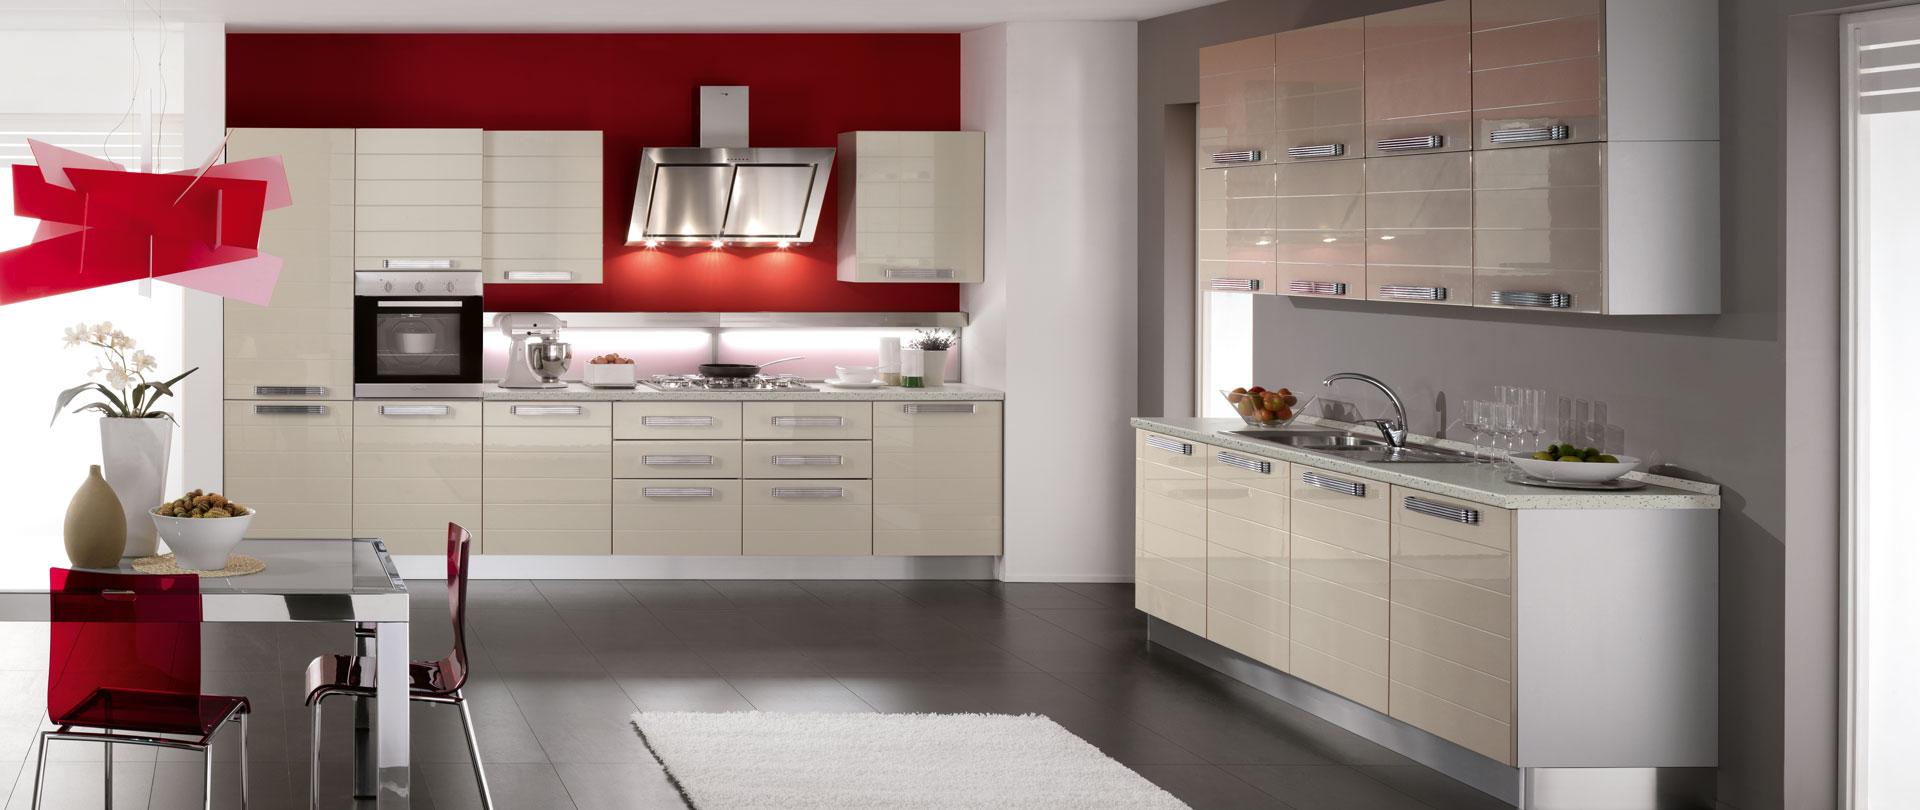 Cucina Razionale Sofisticato Design Fluido E Funzionale